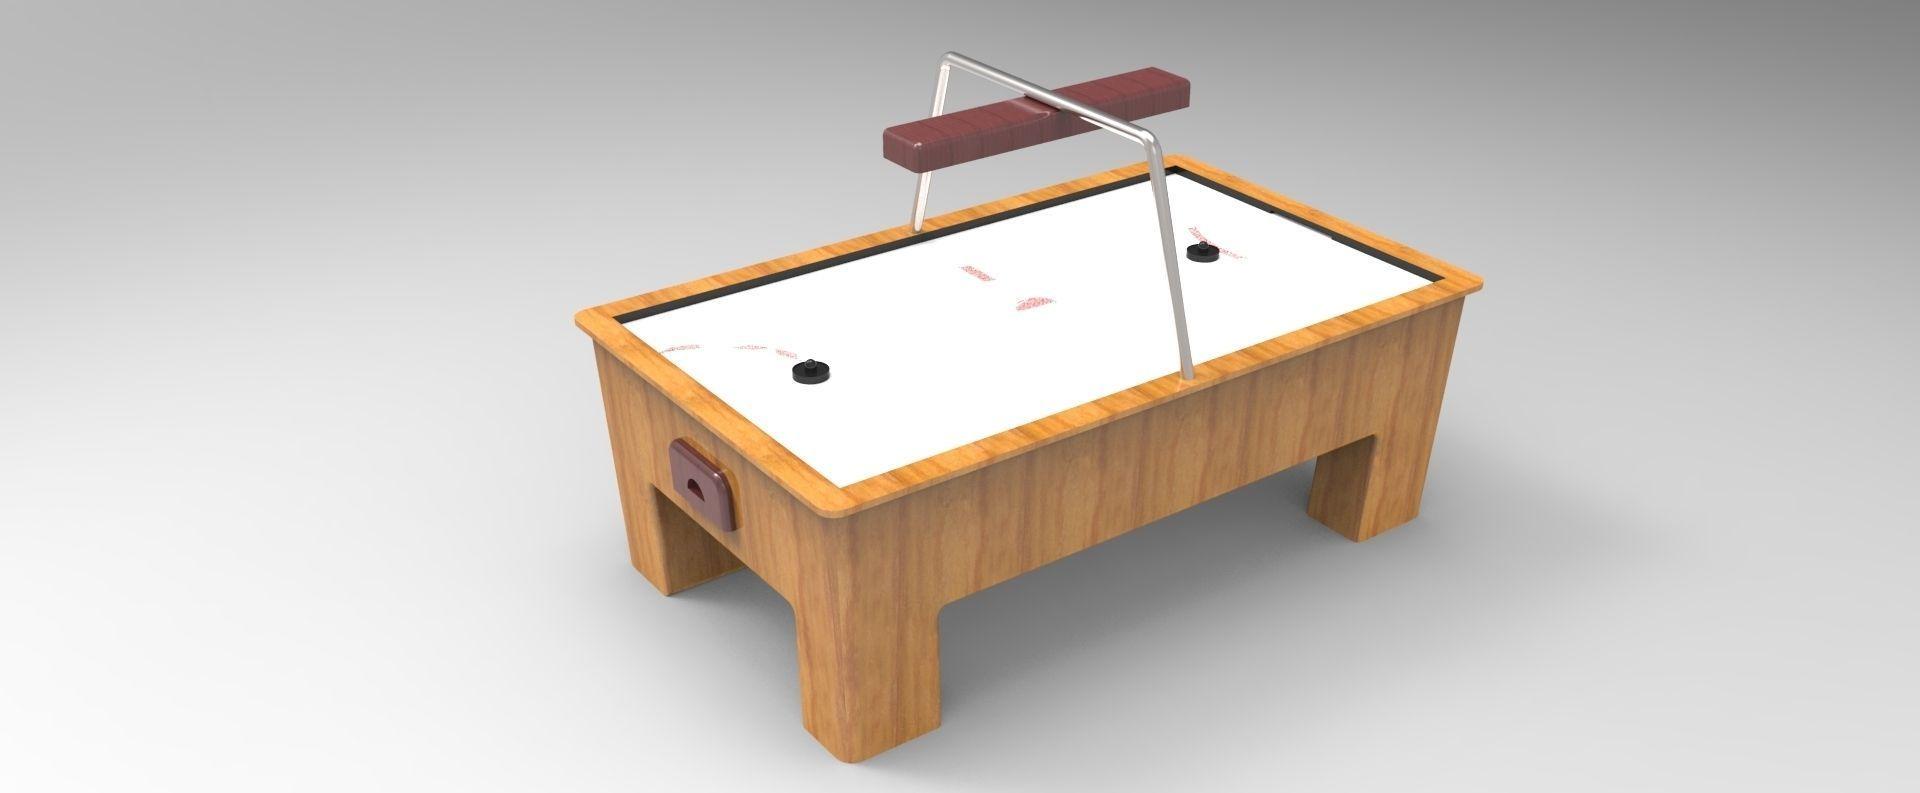 ... Air Hockey Table 3d Model Stl Dwg Sldprt Sldasm Slddrw 2